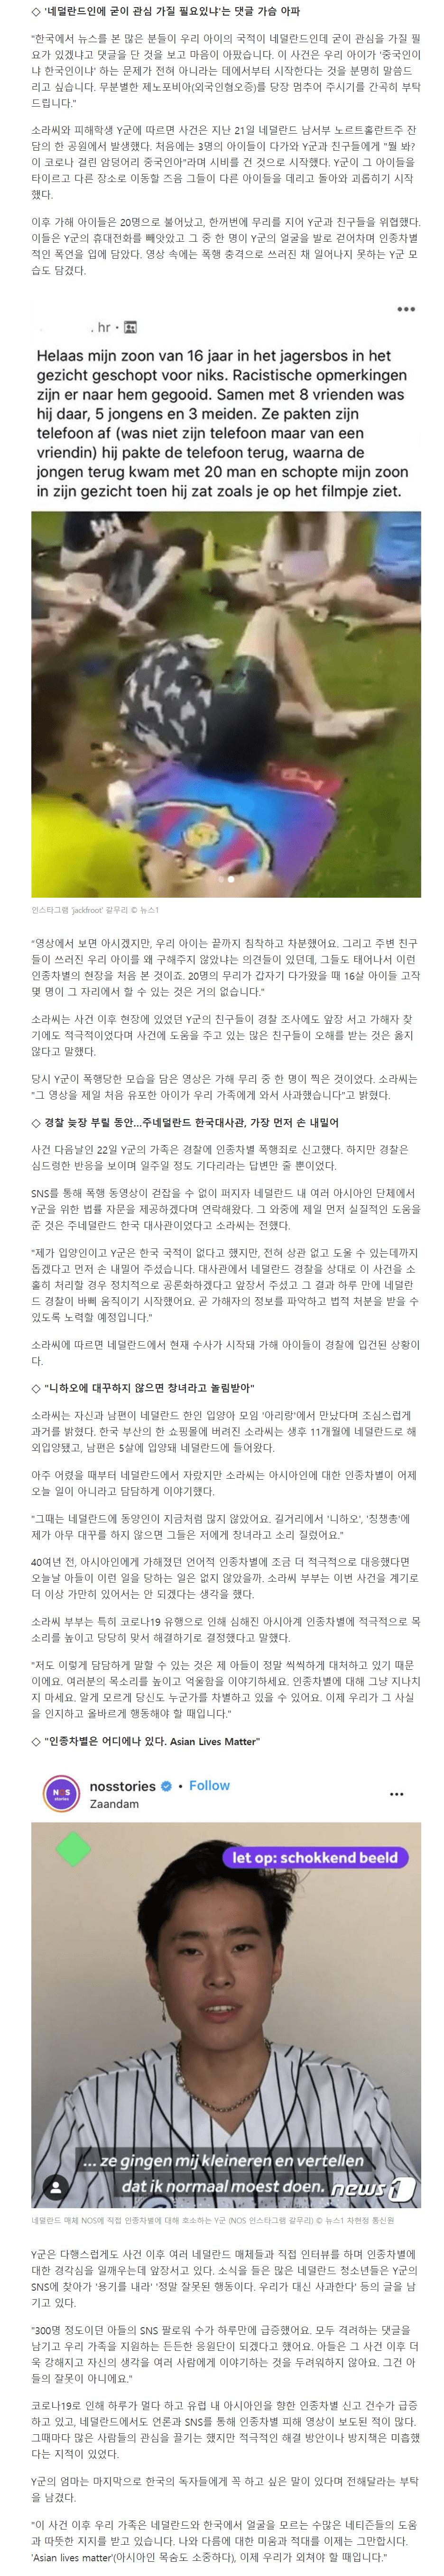 한국계 네덜란드 소년 폭행 당해.. 대사관이 도와줘.png 한국계 네덜란드 소년 폭행 당해.. 대사관이 도와줘